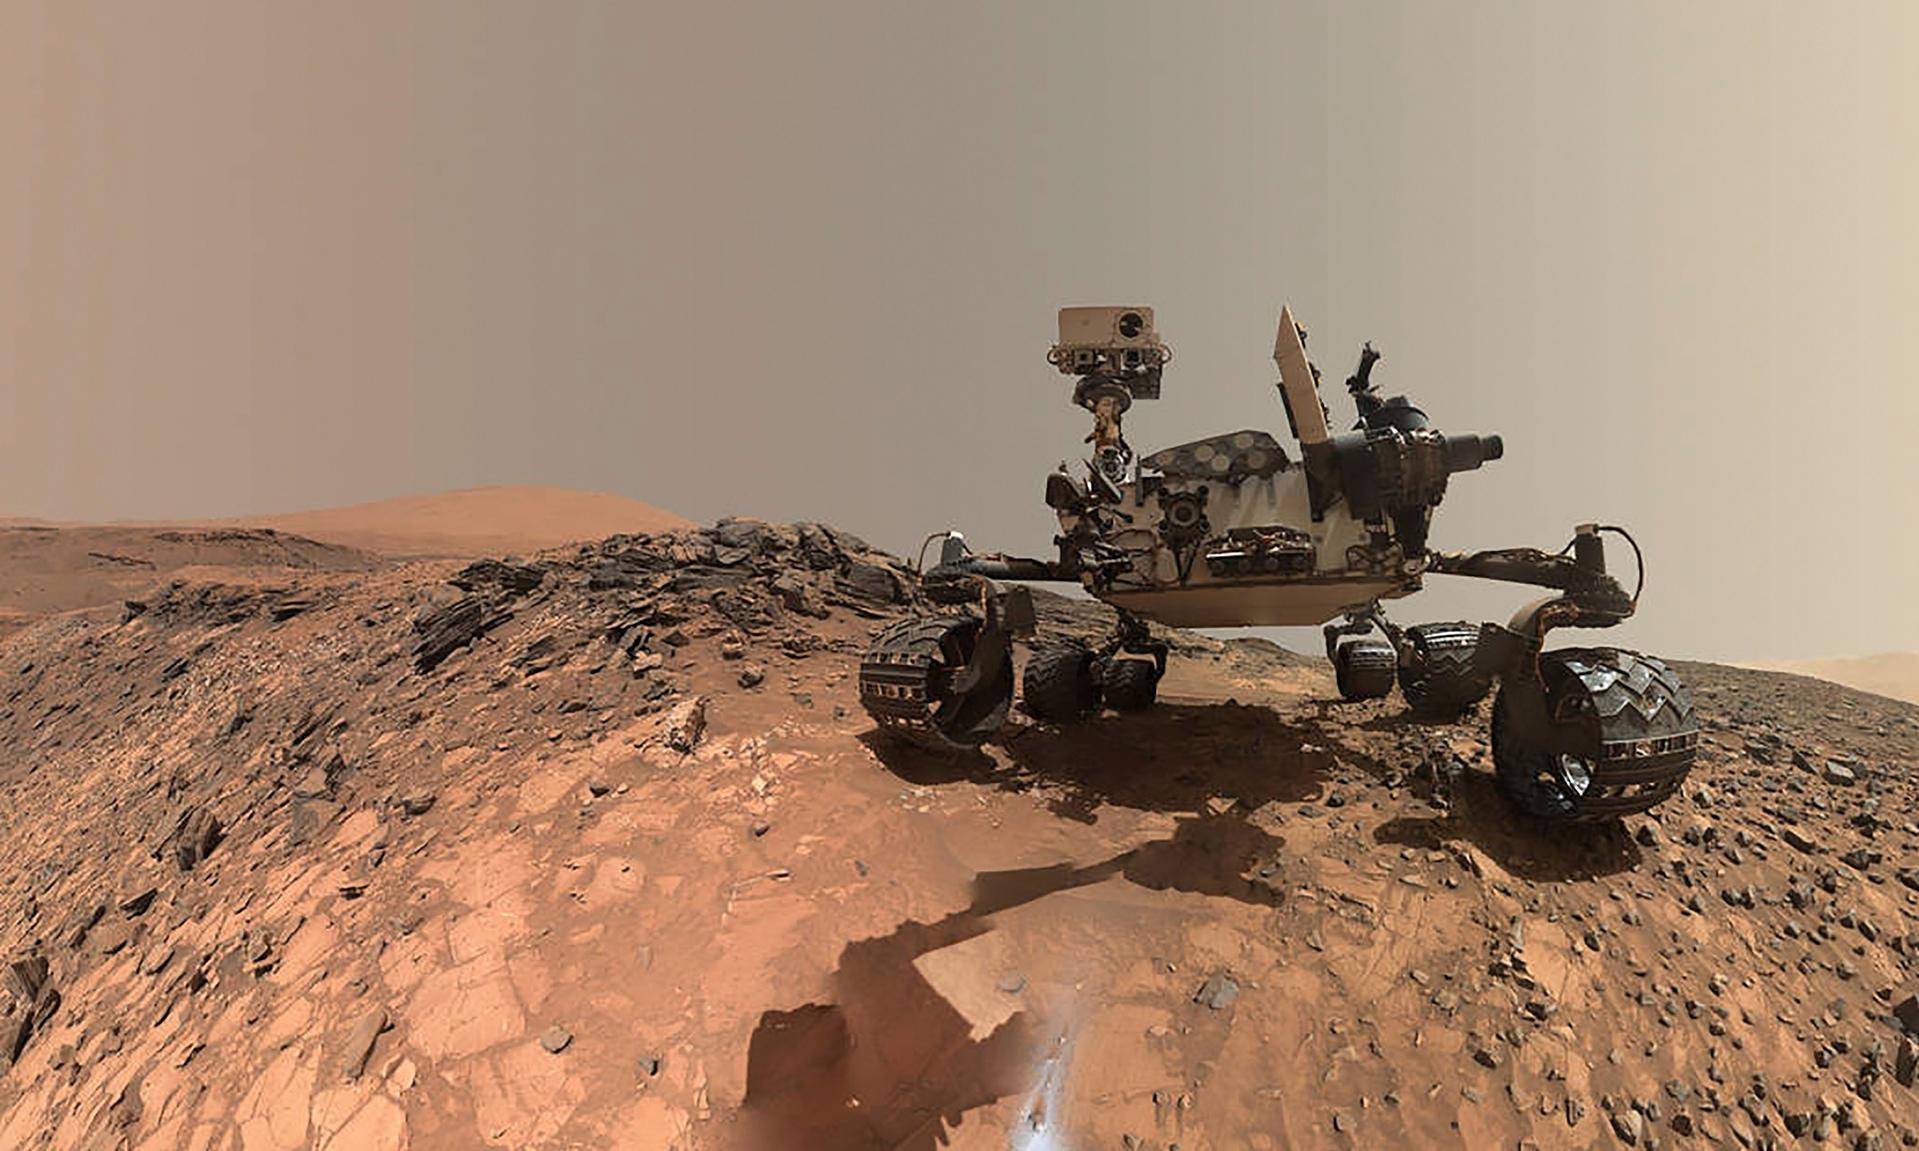 El rover Curiosity, actualmente recorriendo Marte (Fuente: NASA)